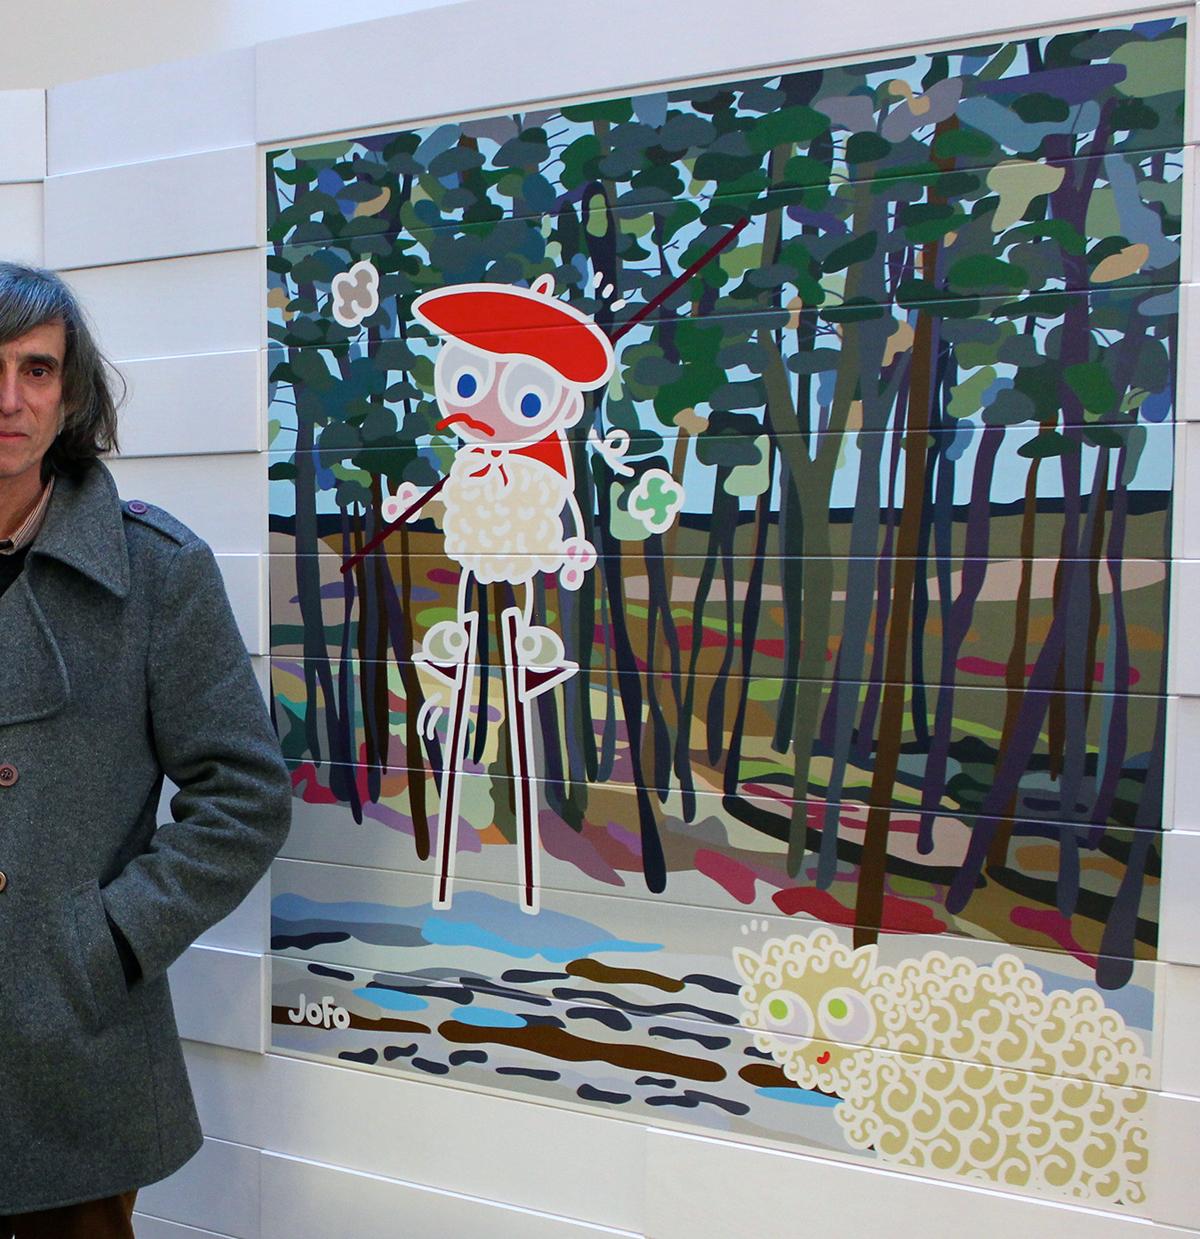 Impression/parement bois. 1,20m x 1,20m. En vente sur http://www.imberty-jofo.com/